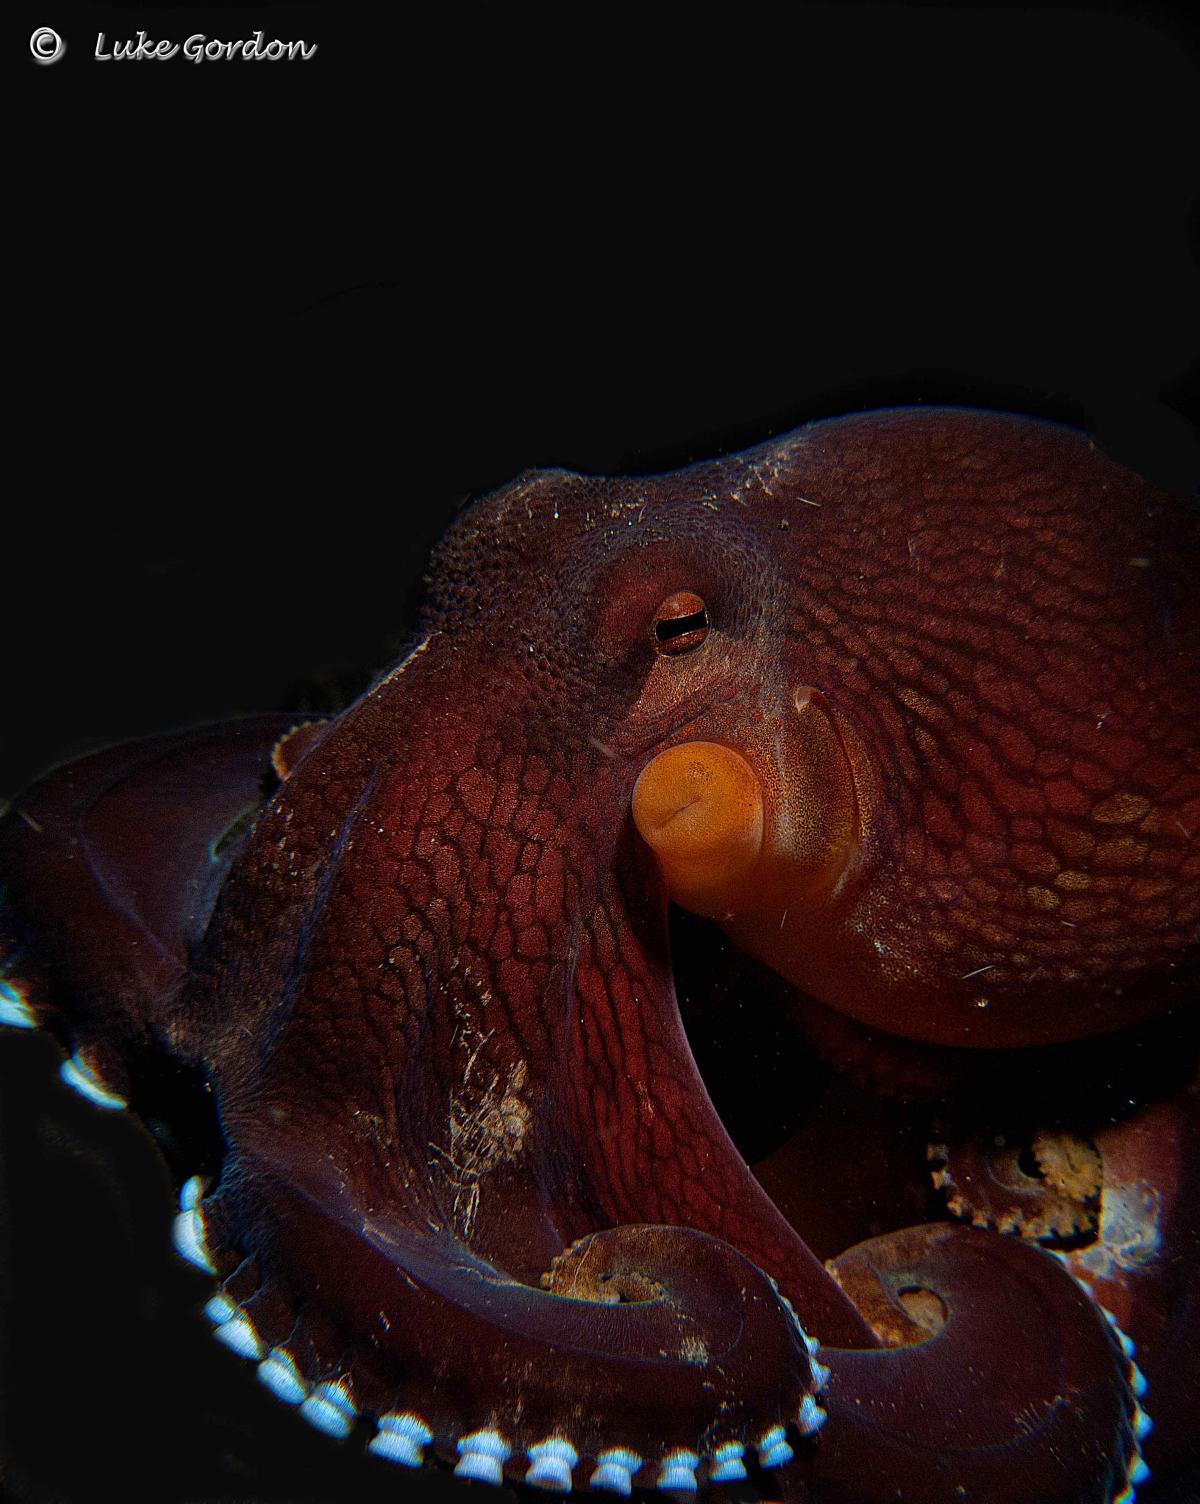 Coconut-Octopus---Amphioctopus-marginatus-8.jpg